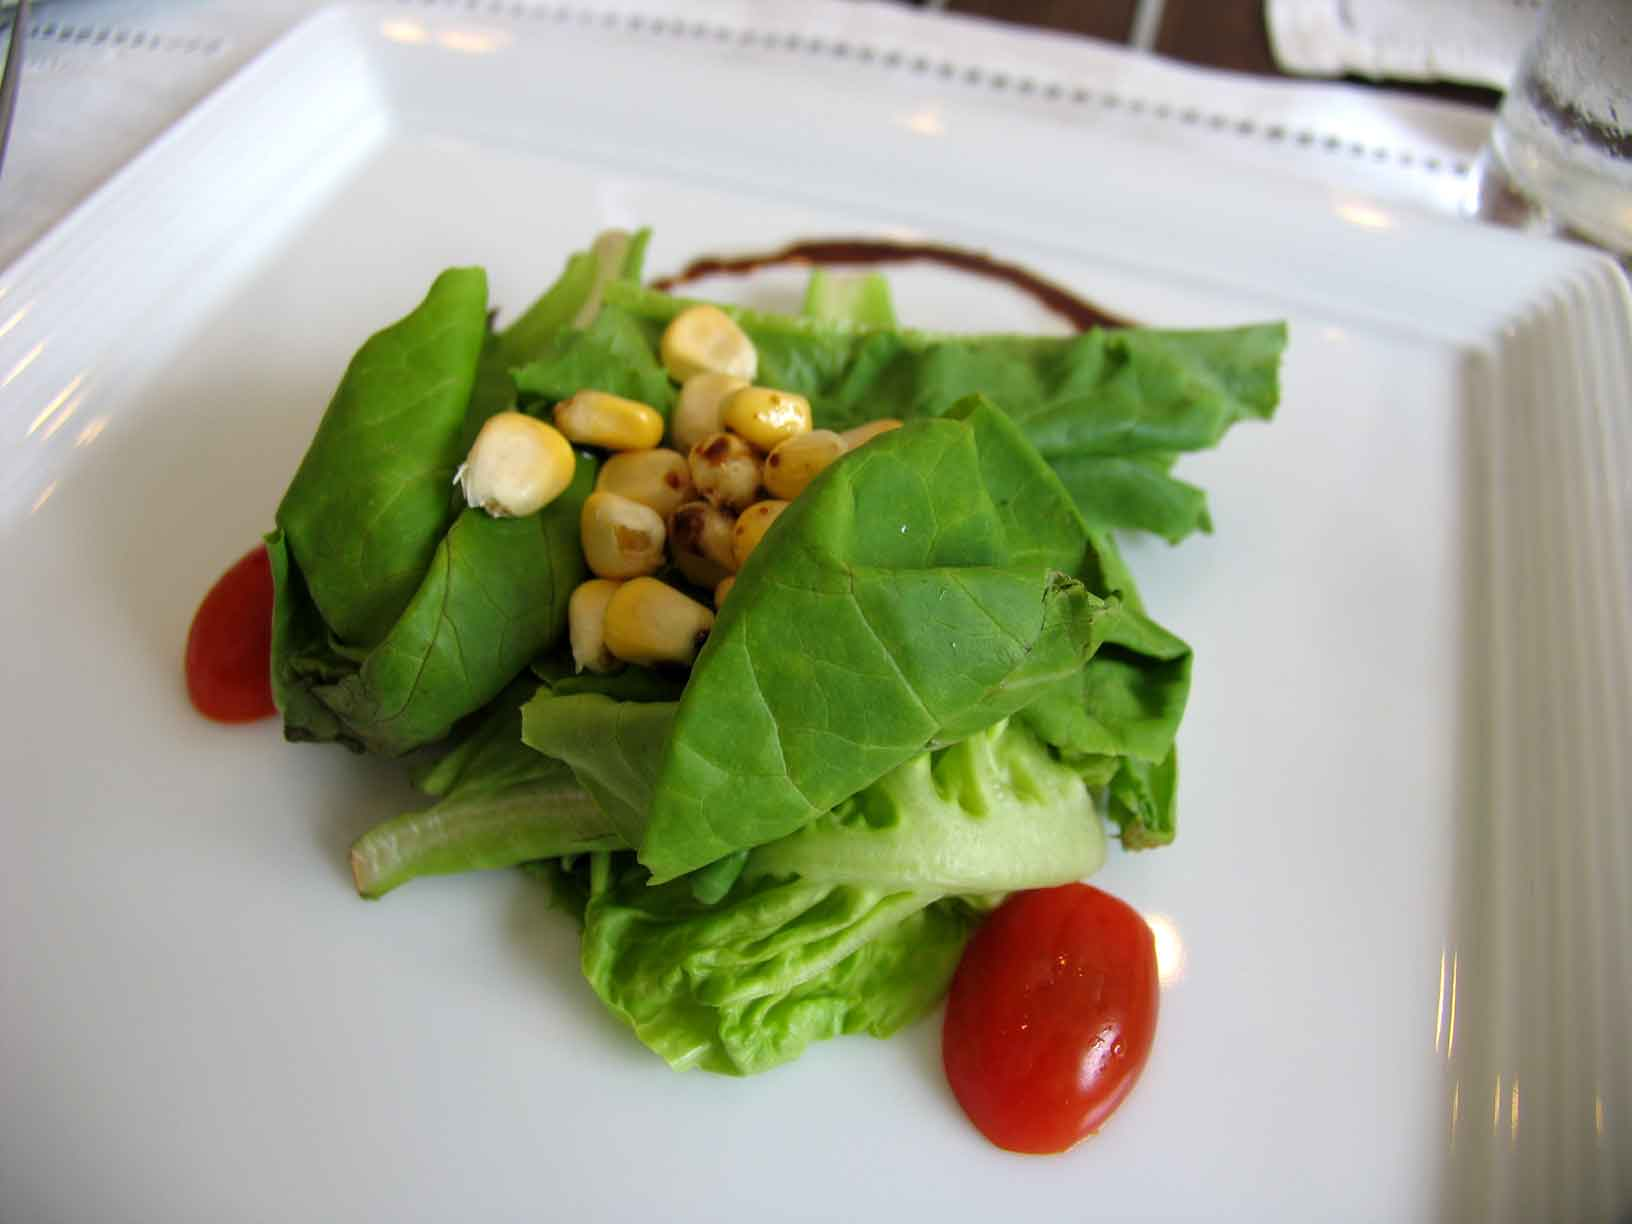 Sire salad